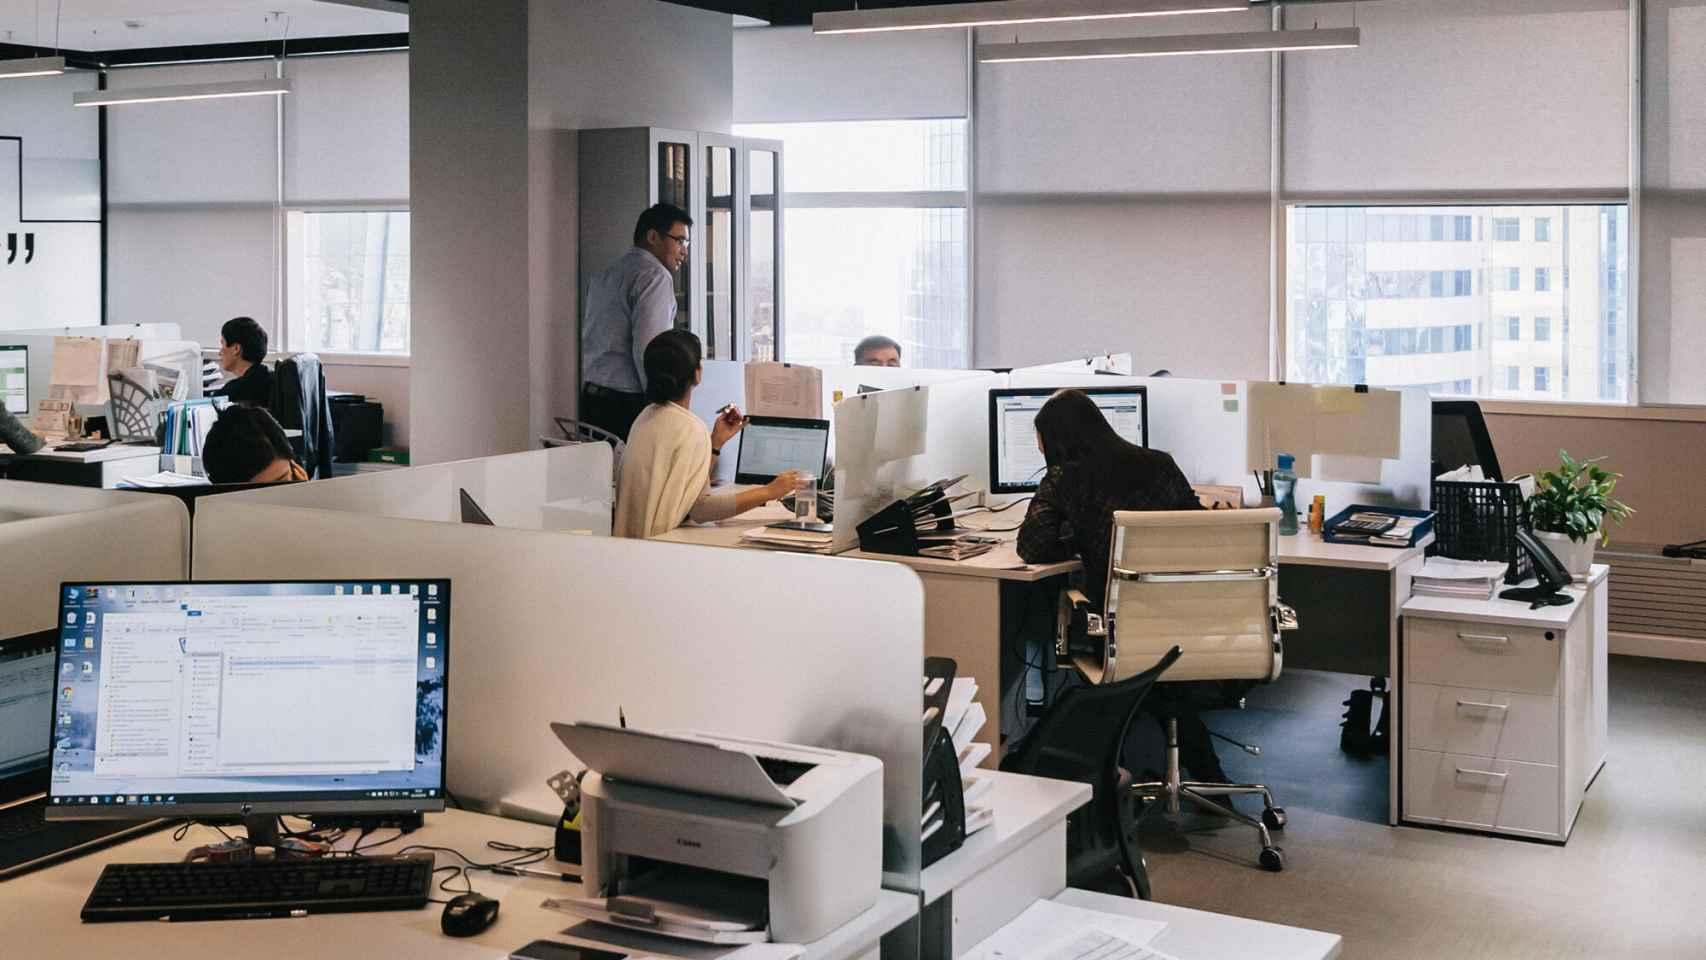 Una oficina con puestos de trabajo conectados.